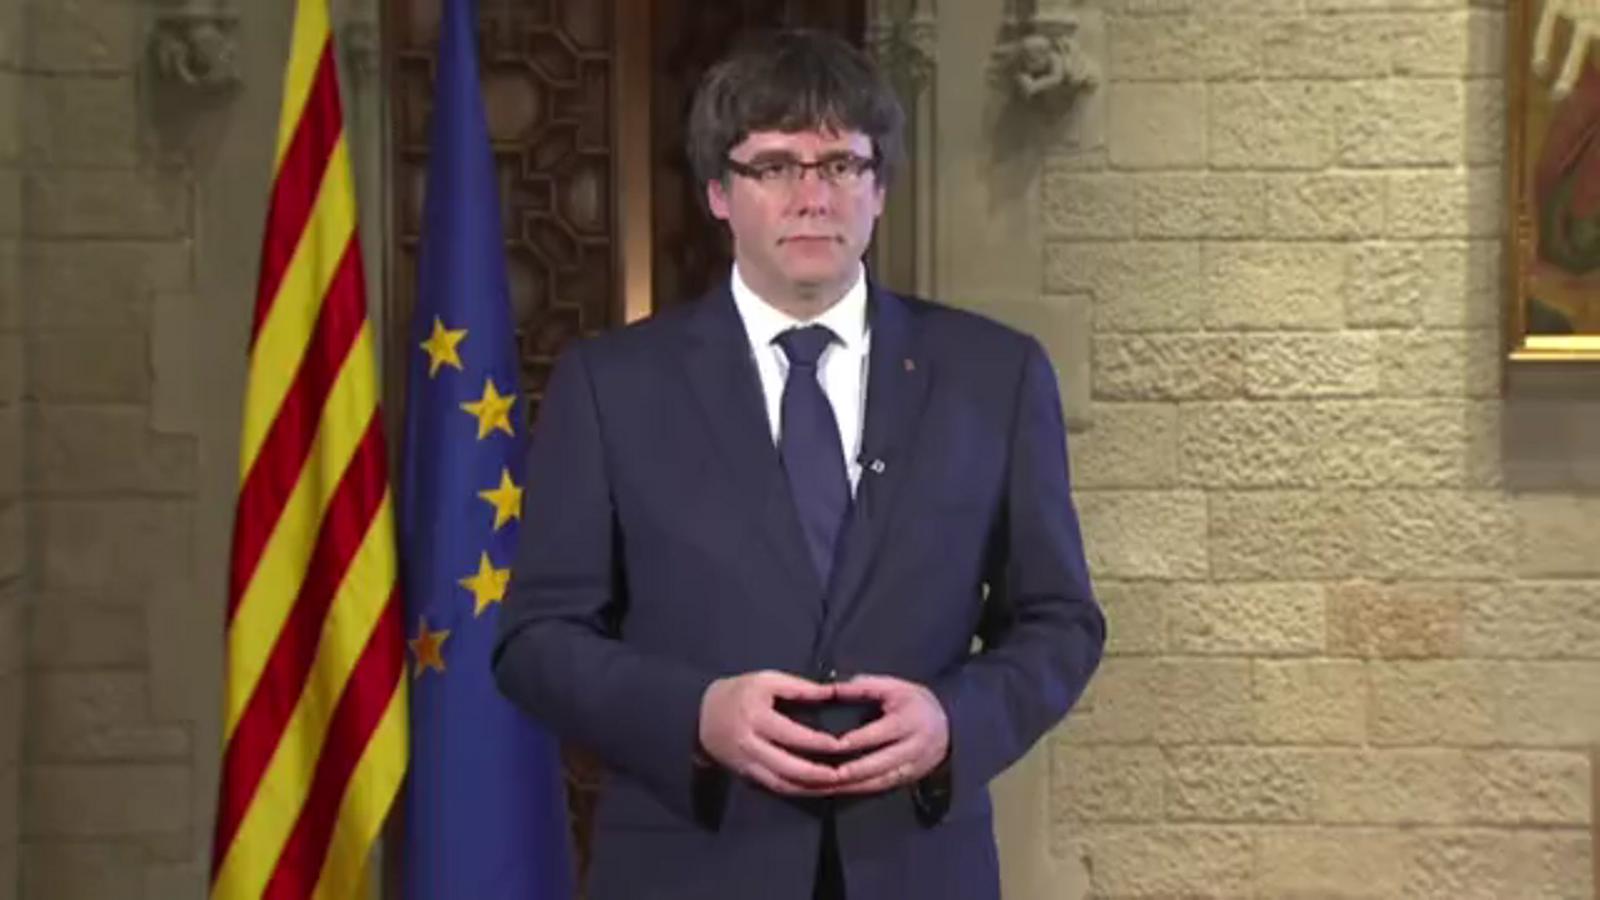 La resposta de Carles Puigdemont a la destitució del Govern i a les mesures del 155.